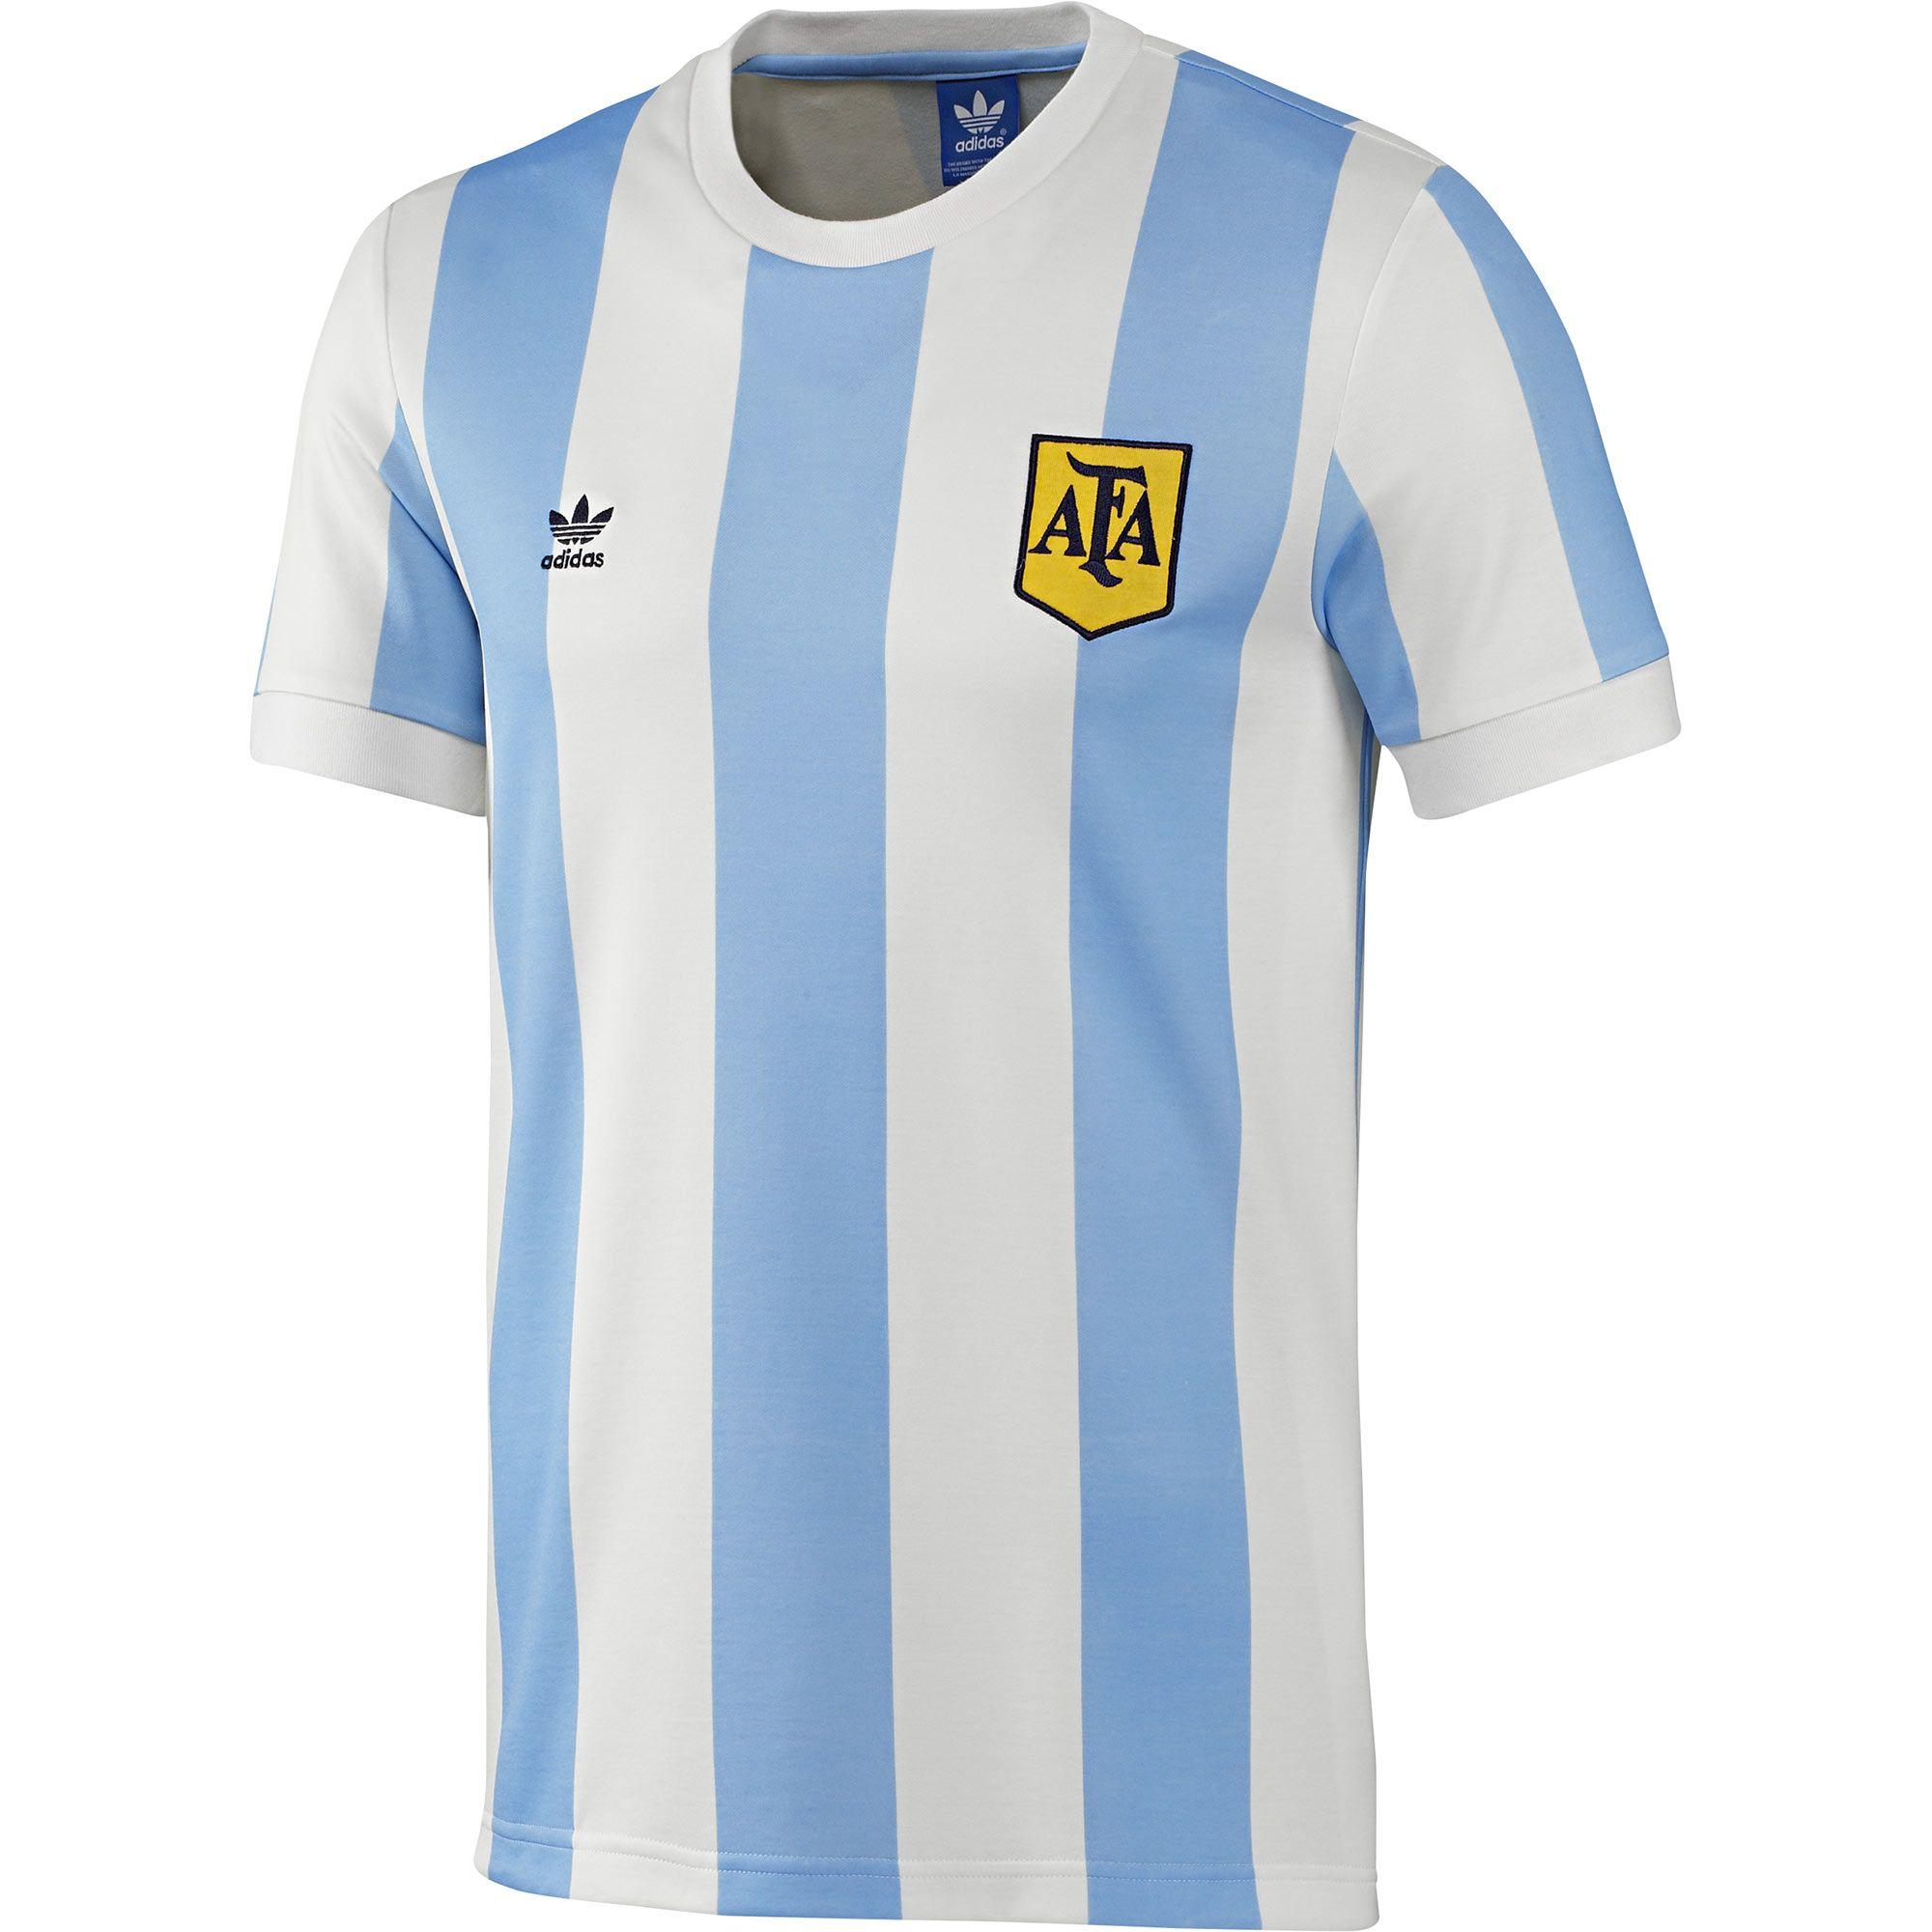 adidas Camiseta de Fútbol Retro Selección Argentina  79d3cf562aade